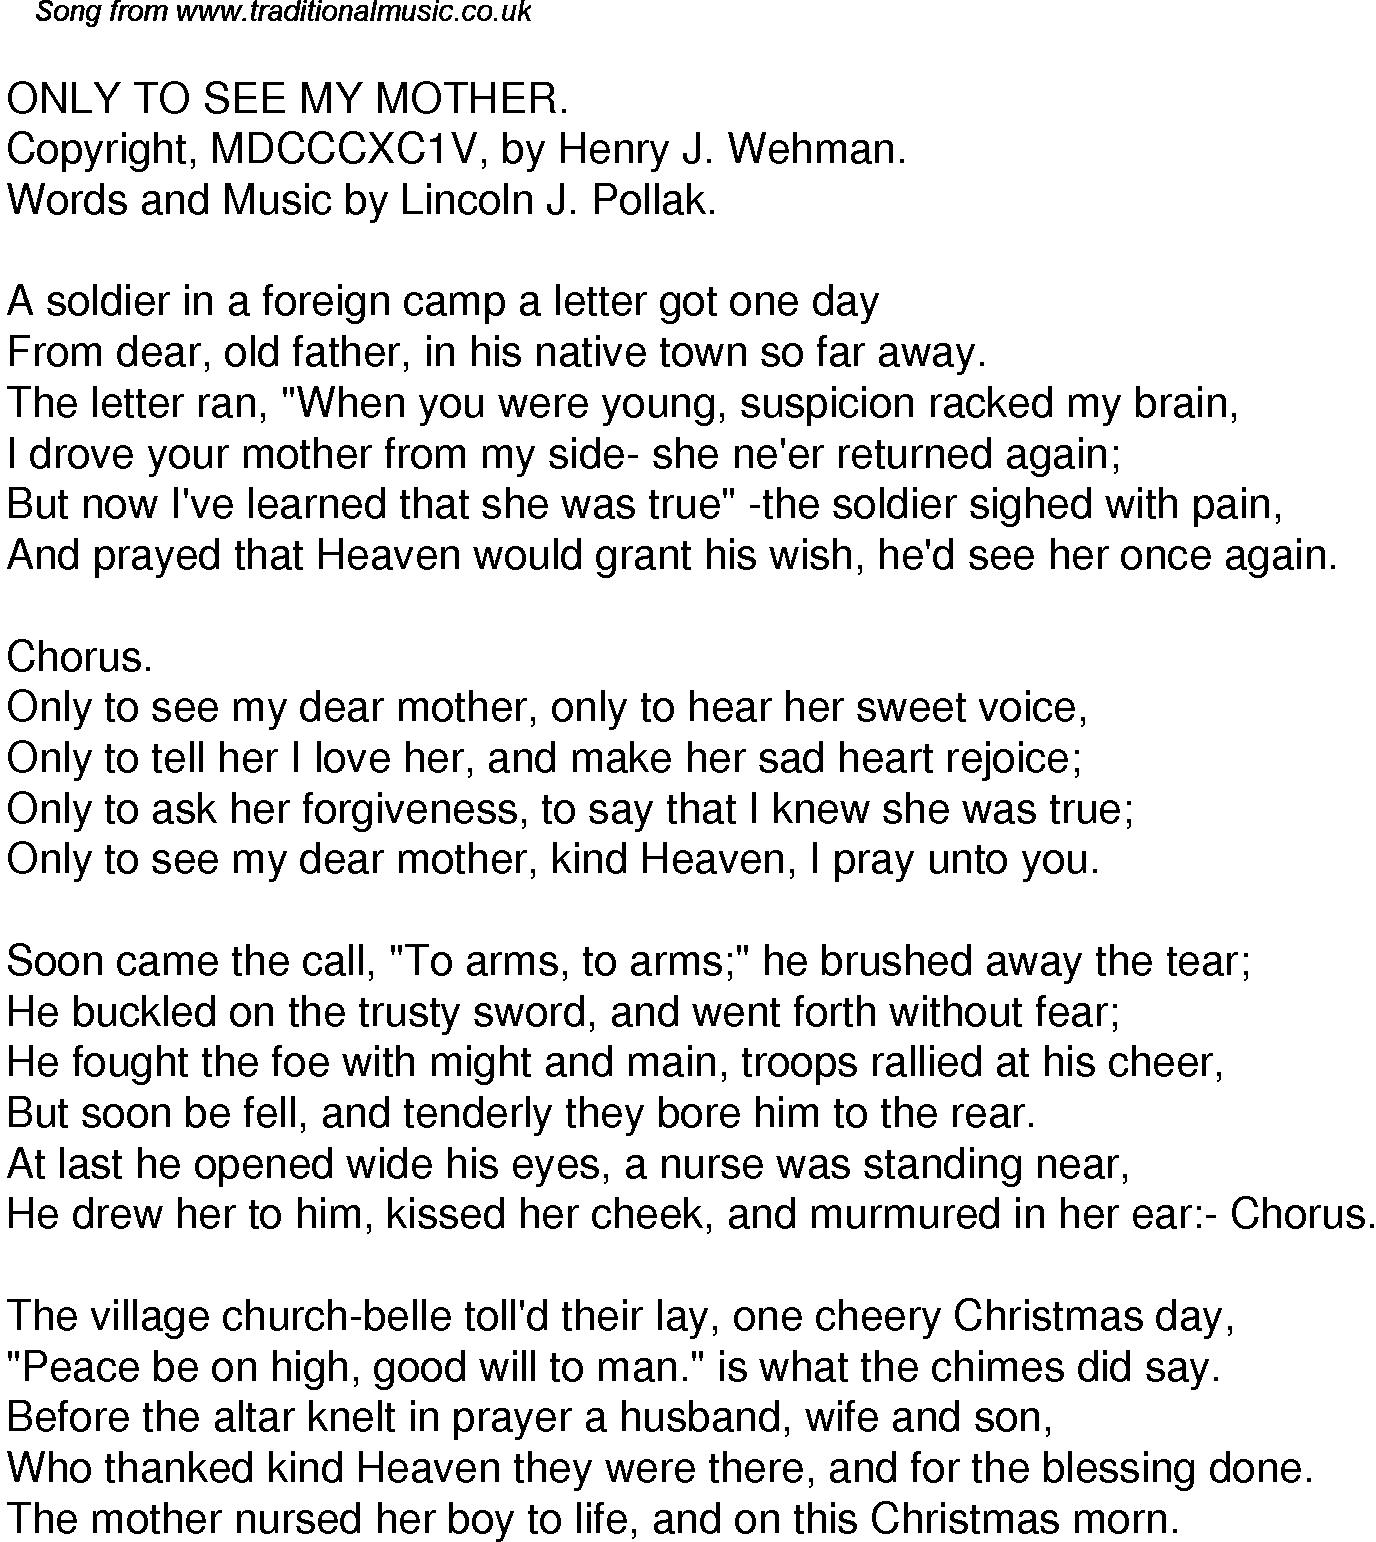 Download music lyrics as PNG